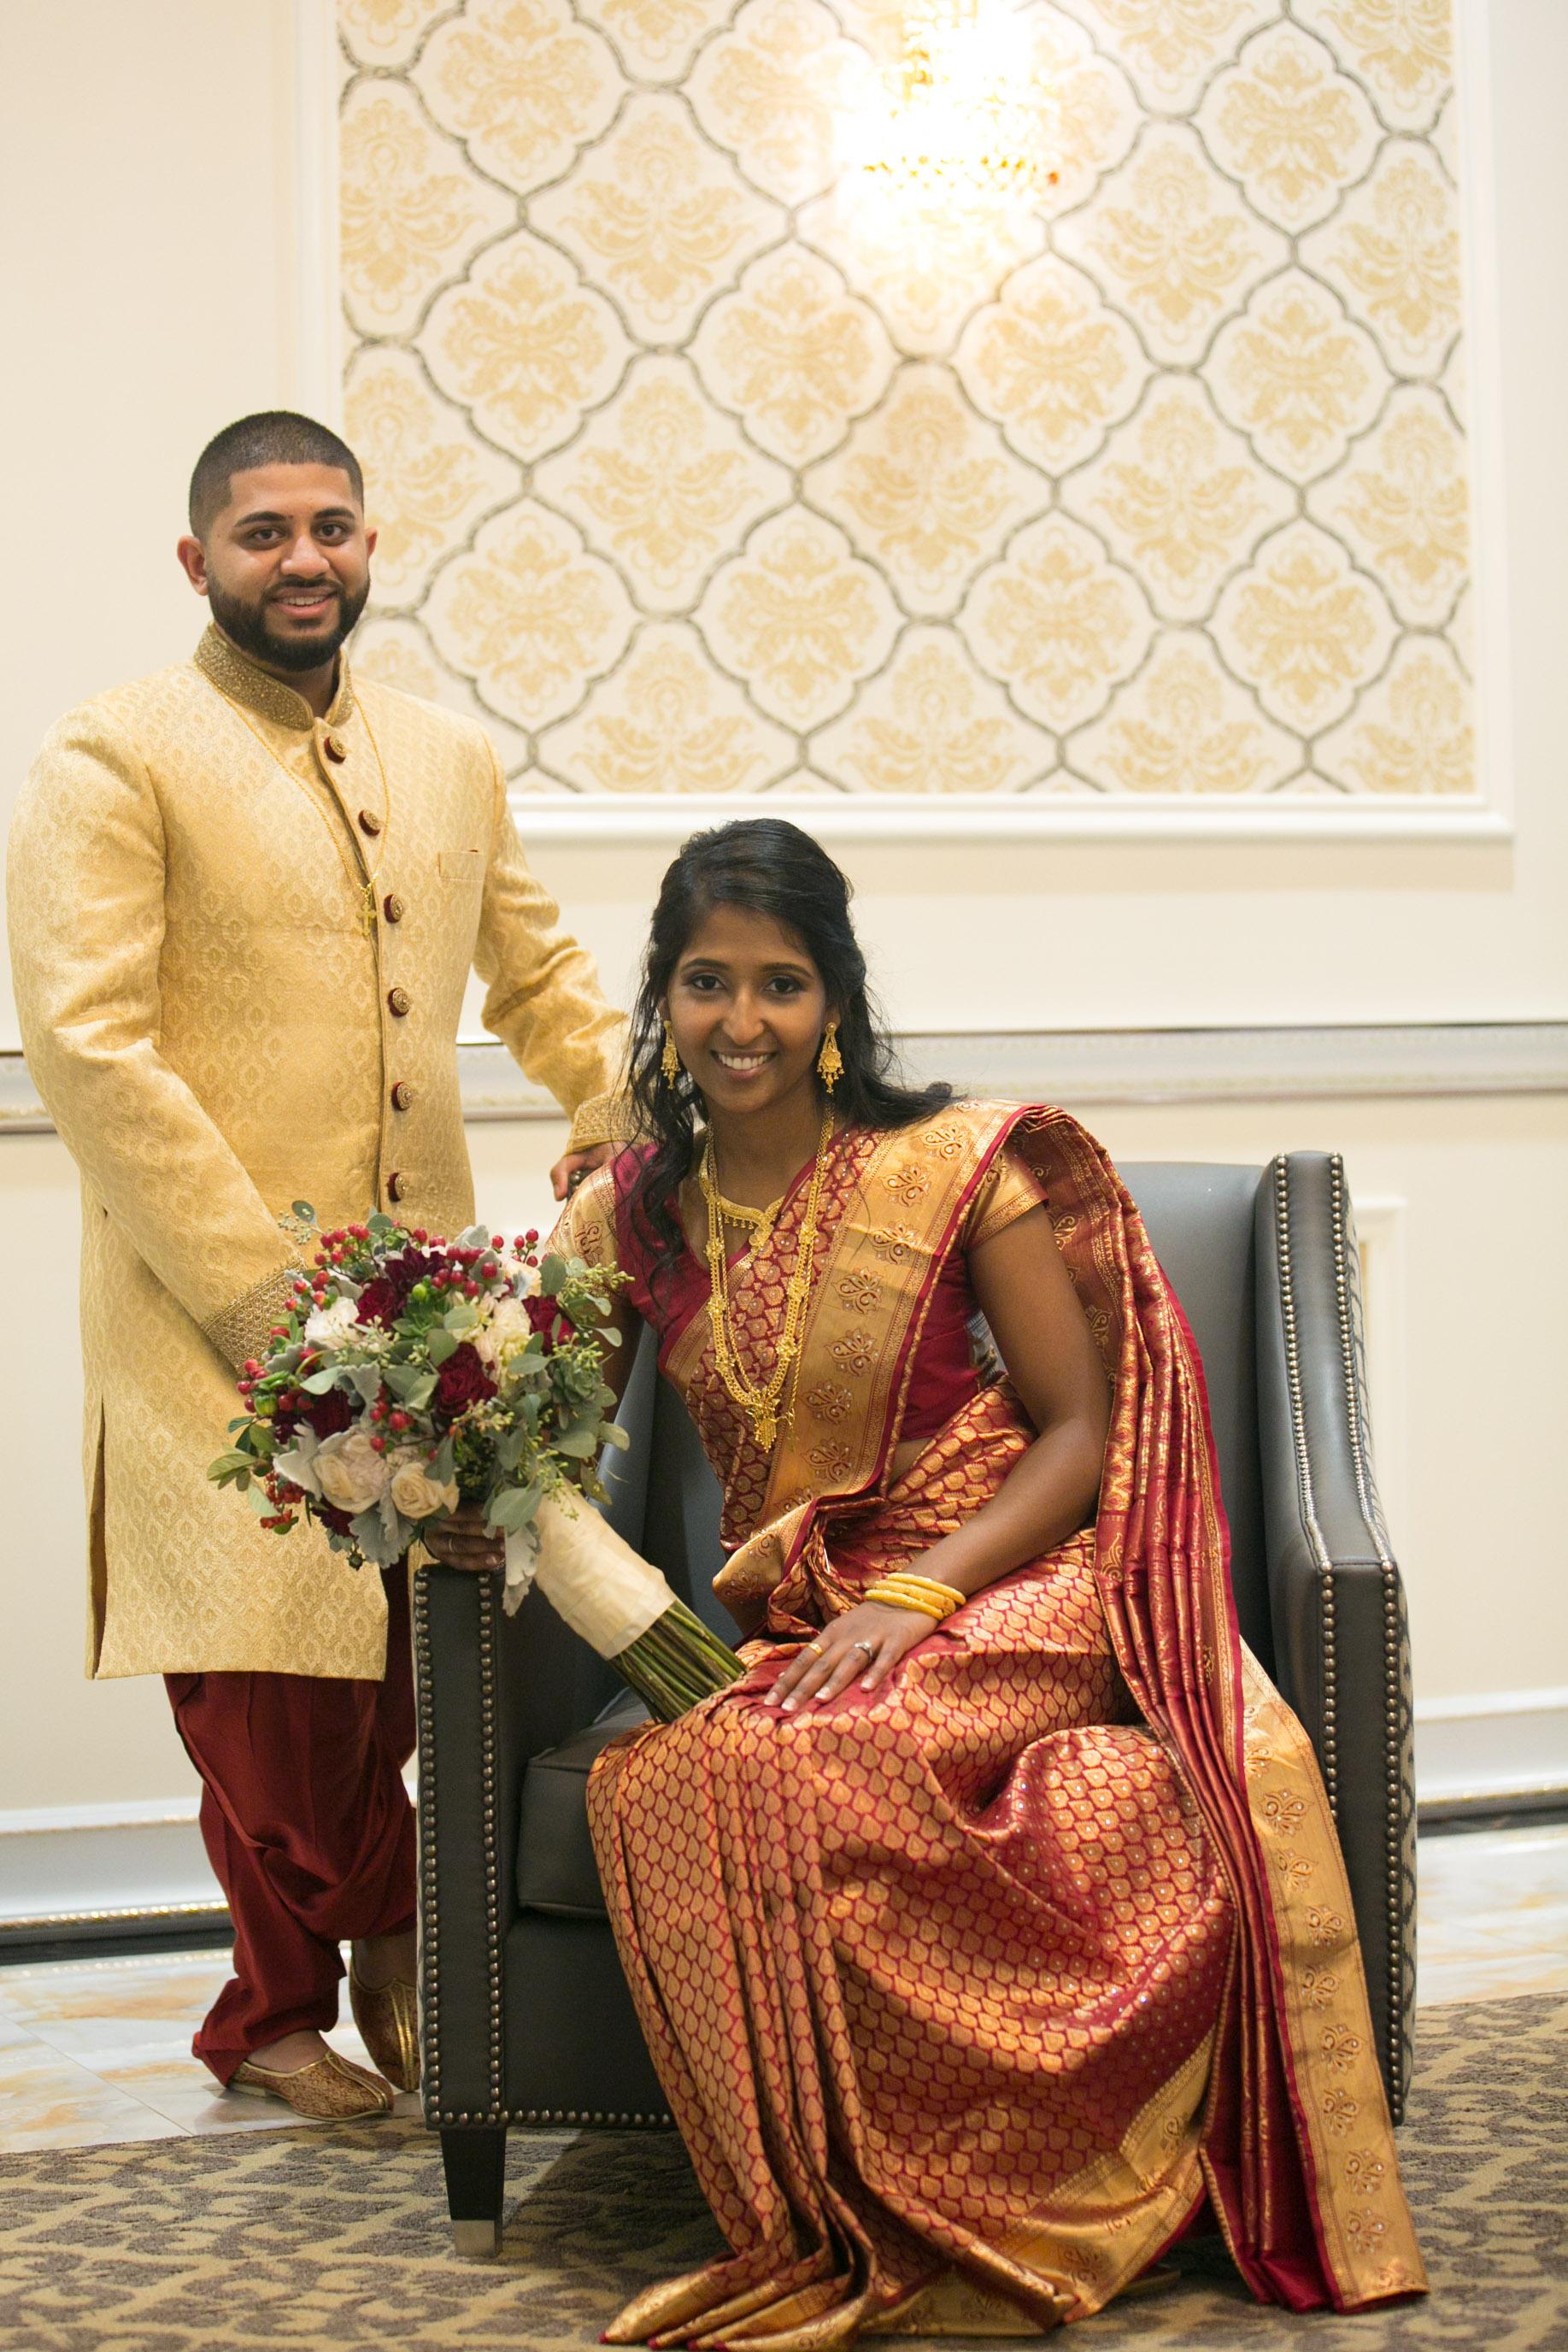 Indian wedding indoor posing